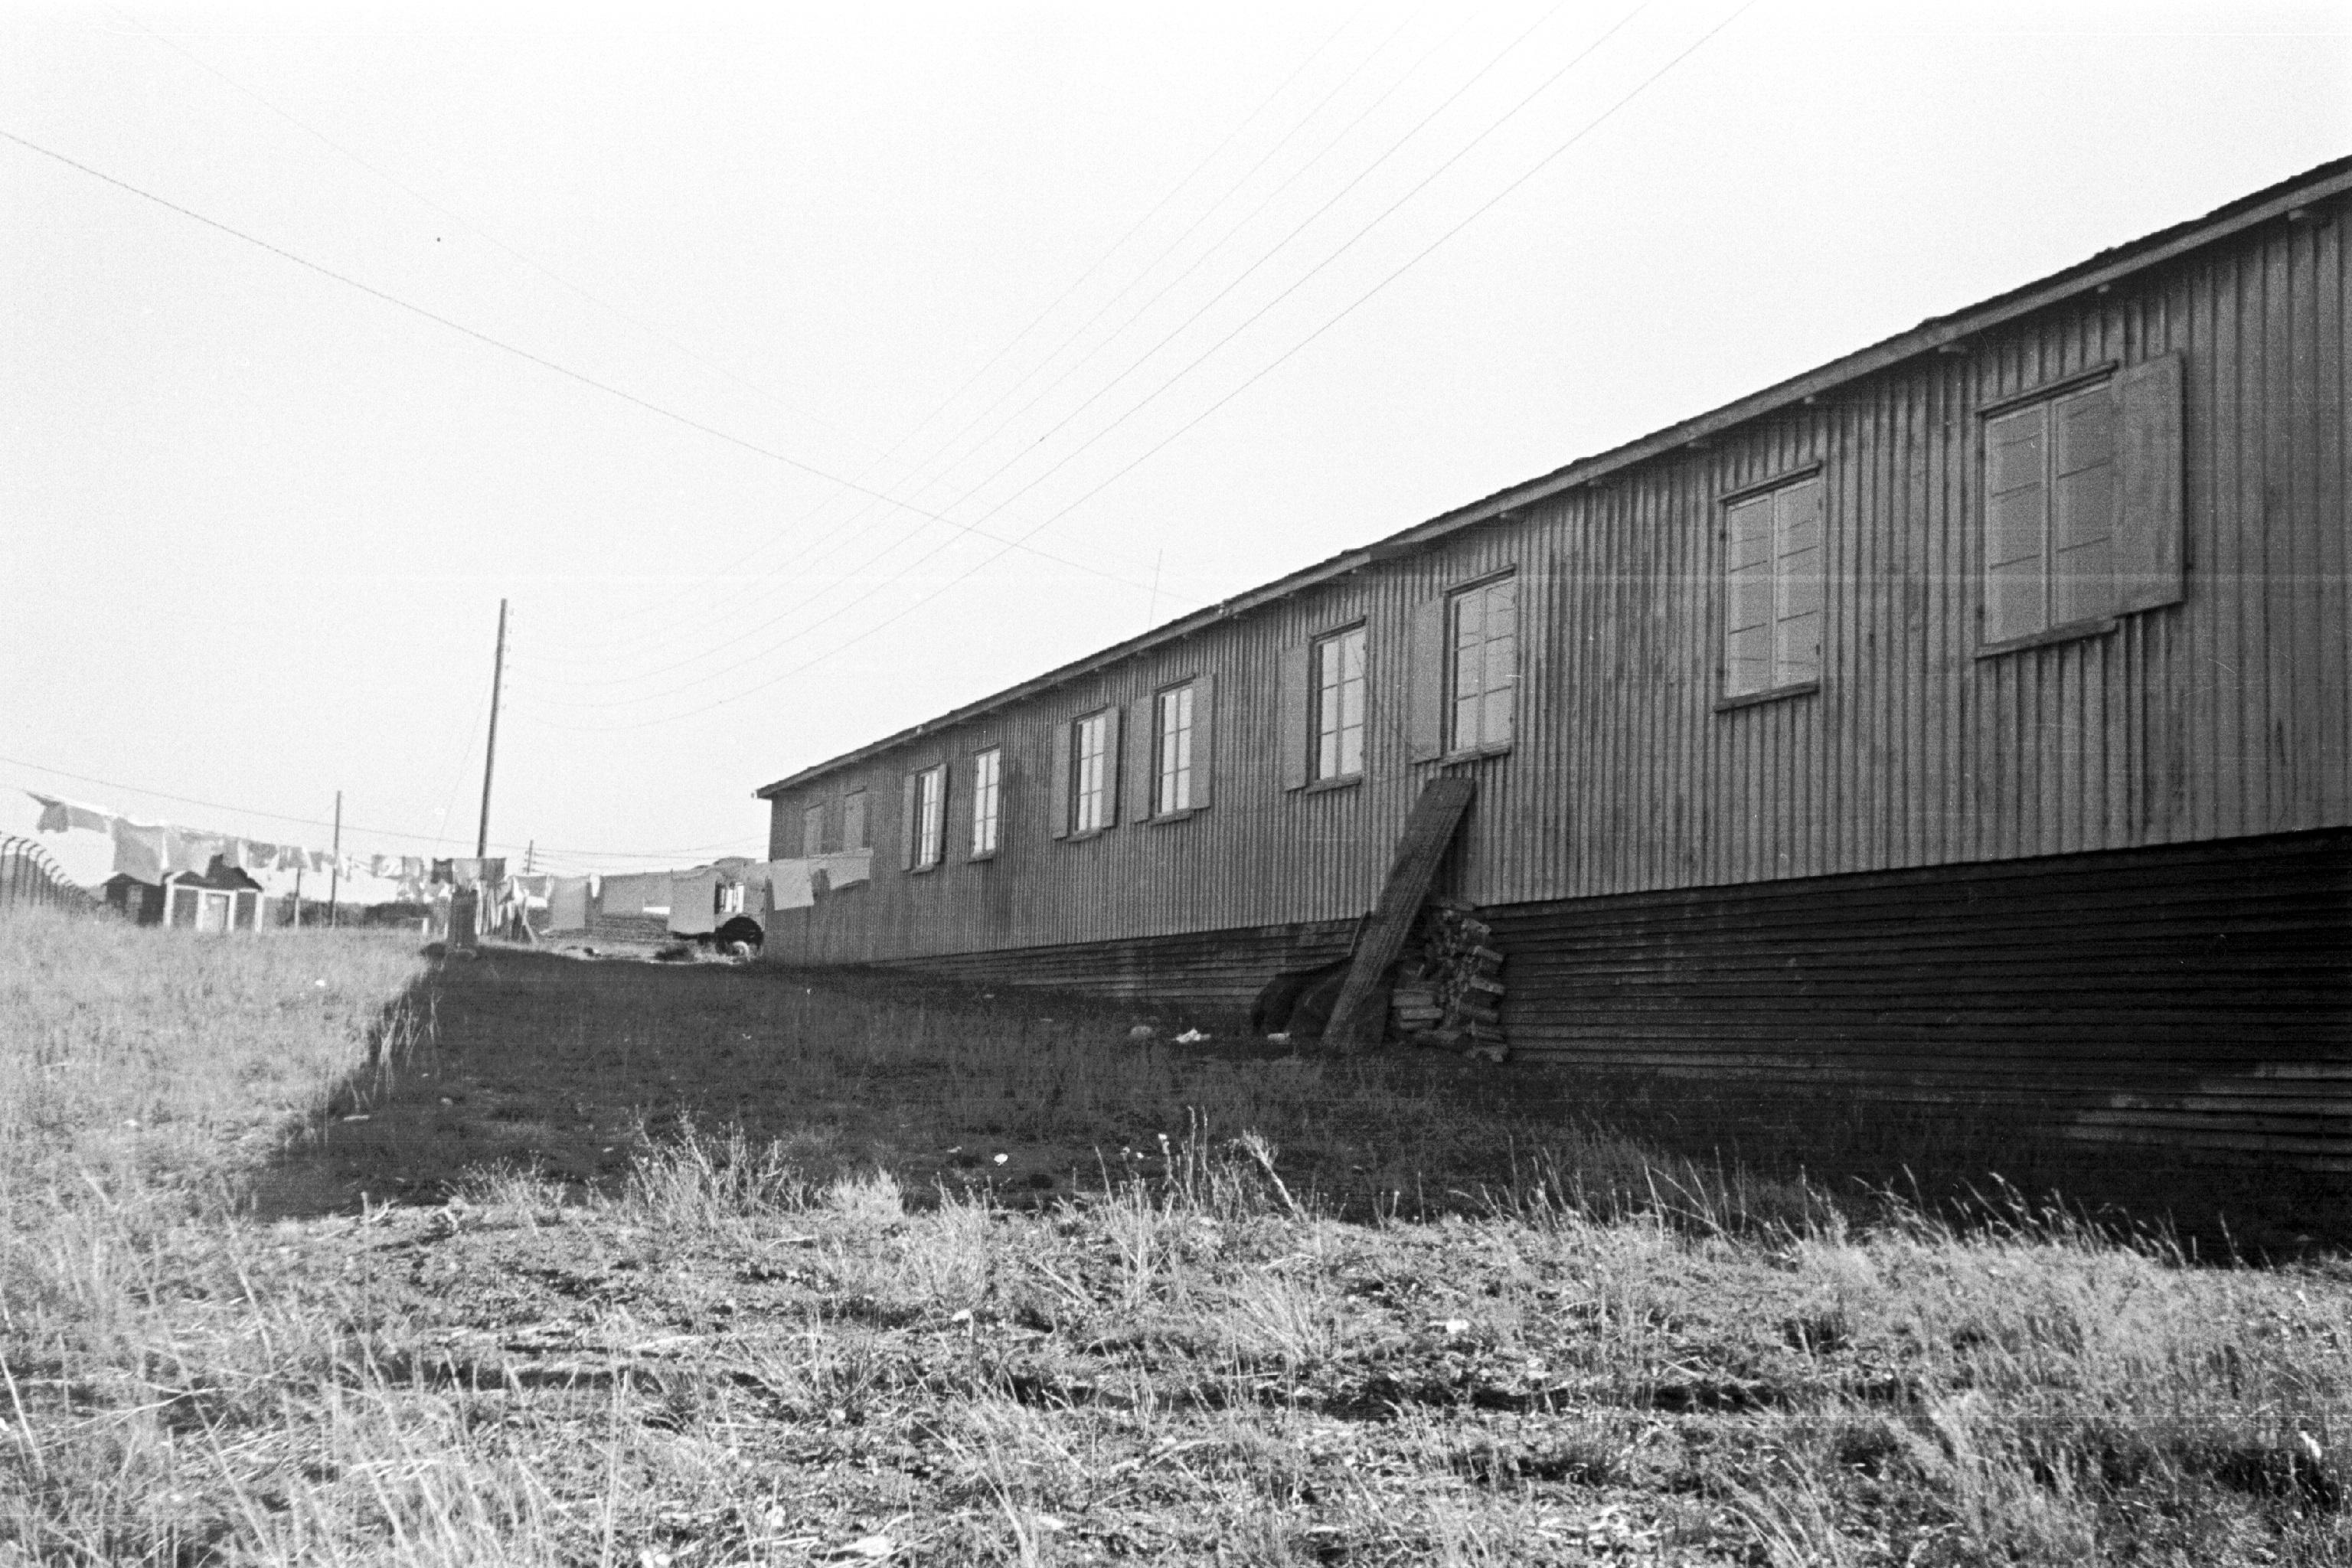 Foto fra arkivet etter Byggedirektøren. Tyskerbrakke omgjort til boliger for nødstilte etter krigen. Ukjent fotograf. A-20032/Ua/0030/005